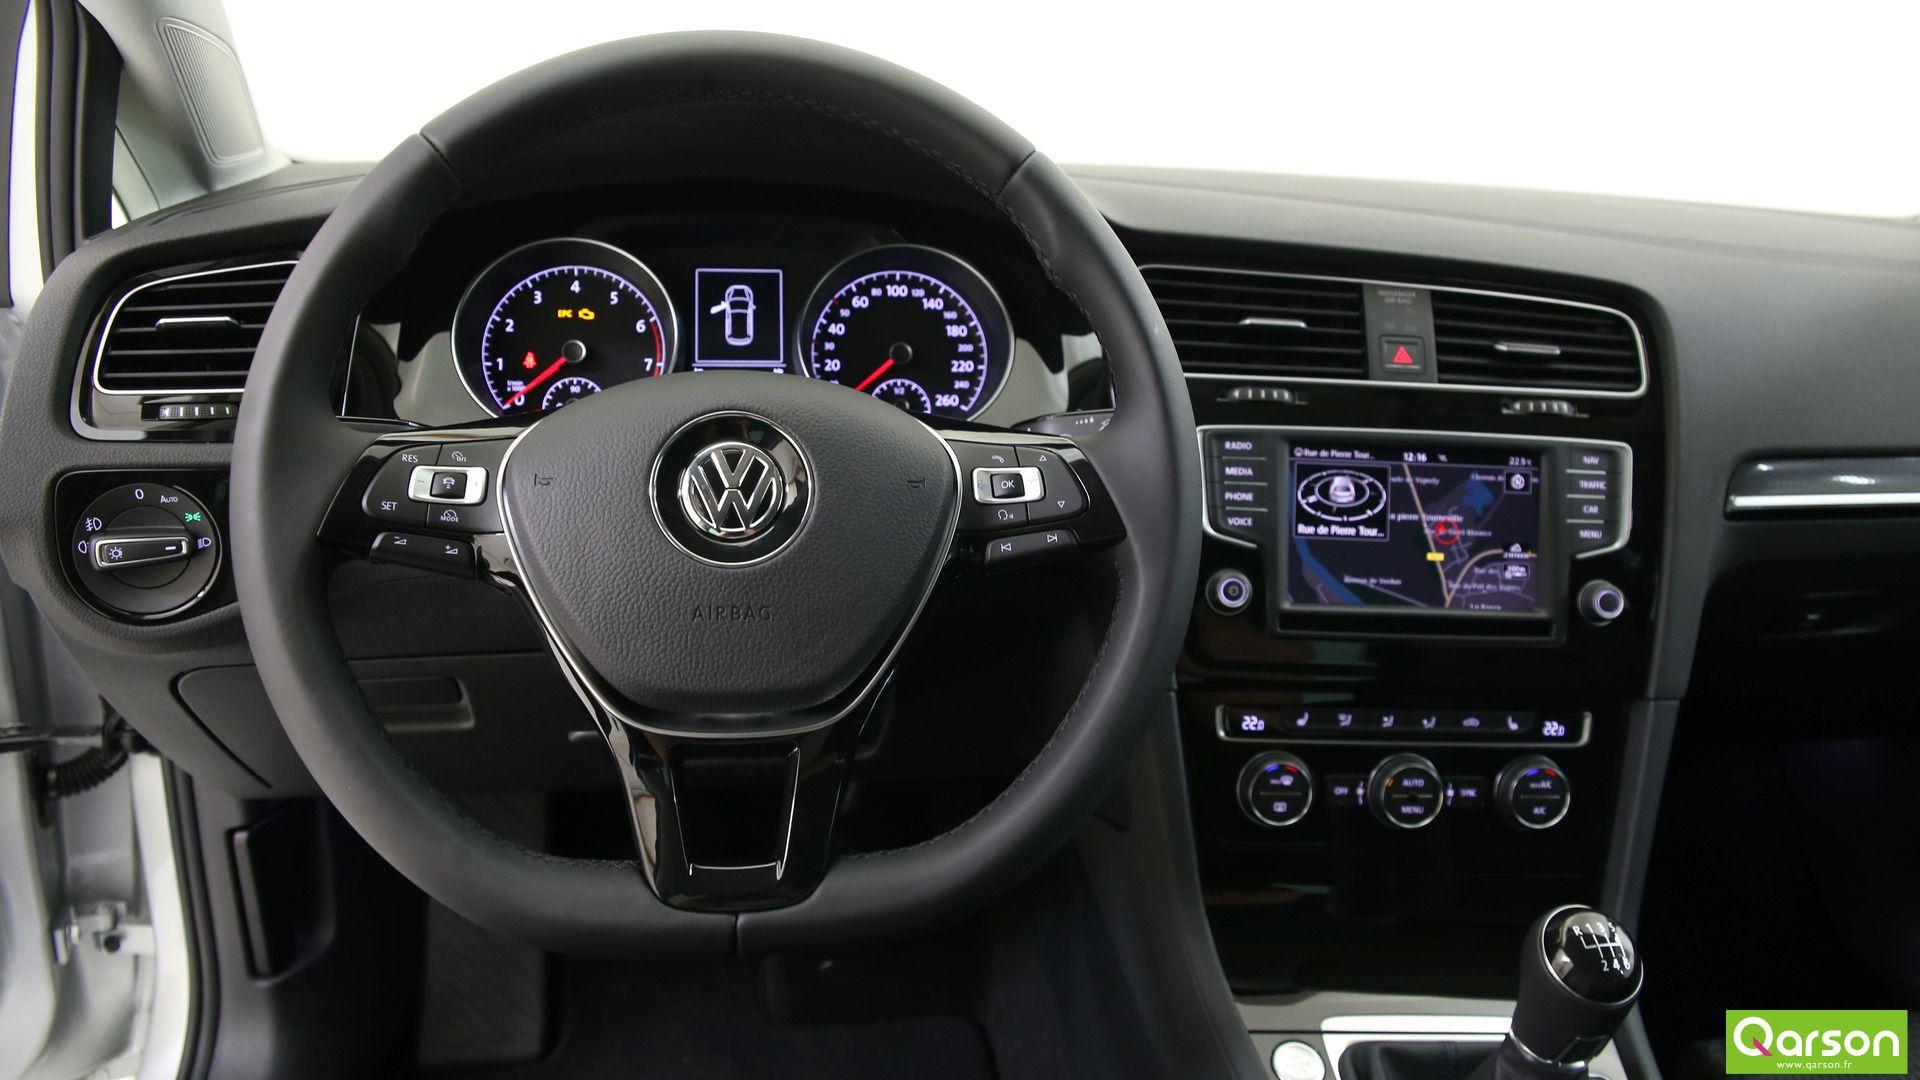 vous pouvez connecter facilement votre t l phone portable au bluetooth de la voiture et avoir. Black Bedroom Furniture Sets. Home Design Ideas